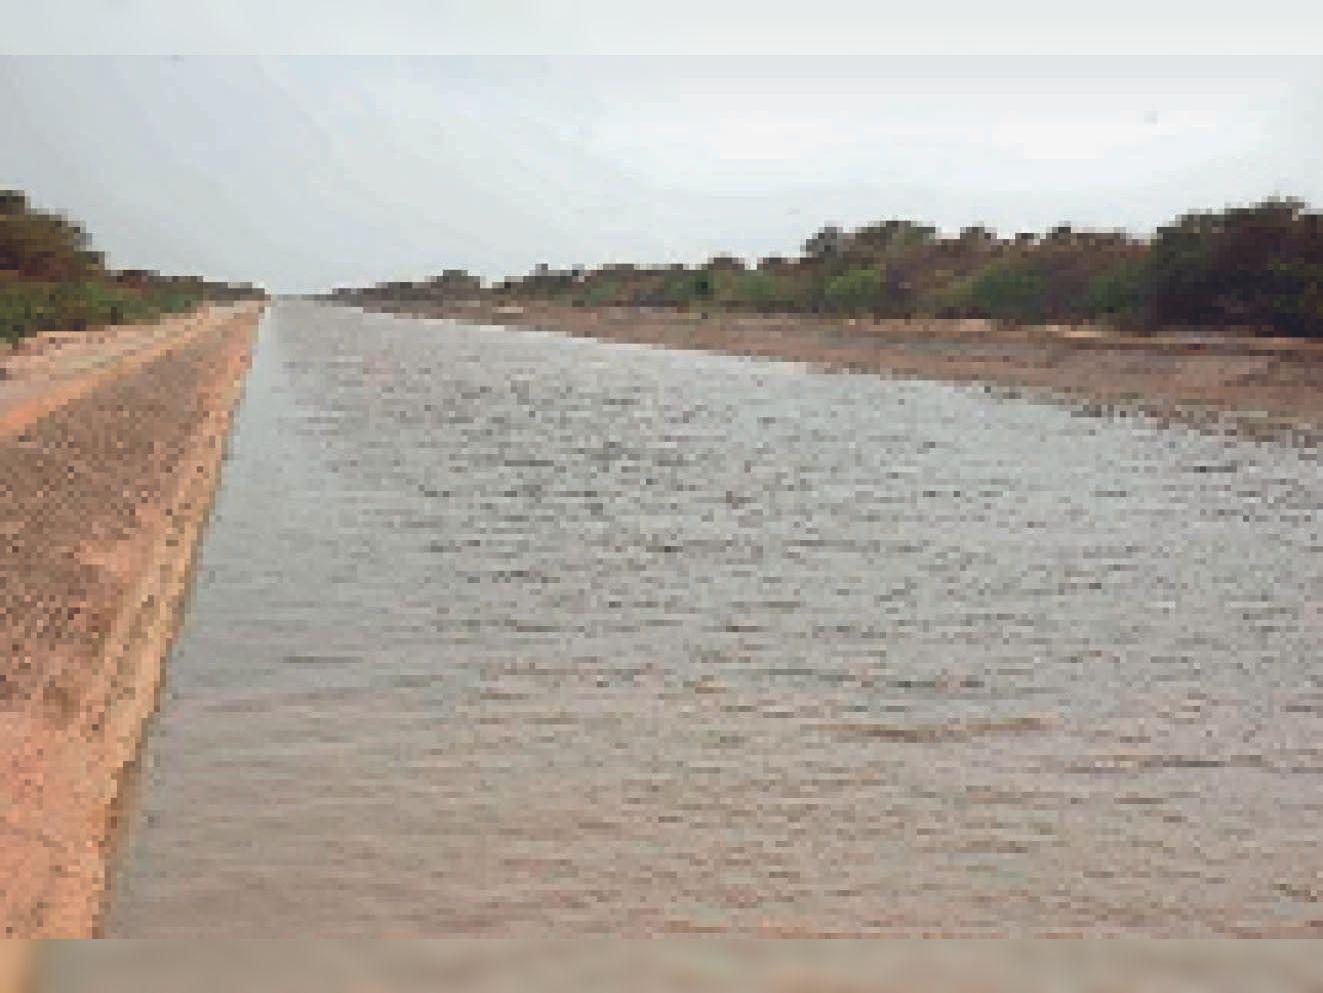 गंग कैनाल में 31 तक मिलेगा 2400 क्यूसेक पानी, एच नहर के किसानों ने अफसरों को घेरा|श्रीगंंगानगर,Sriganganagar - Dainik Bhaskar